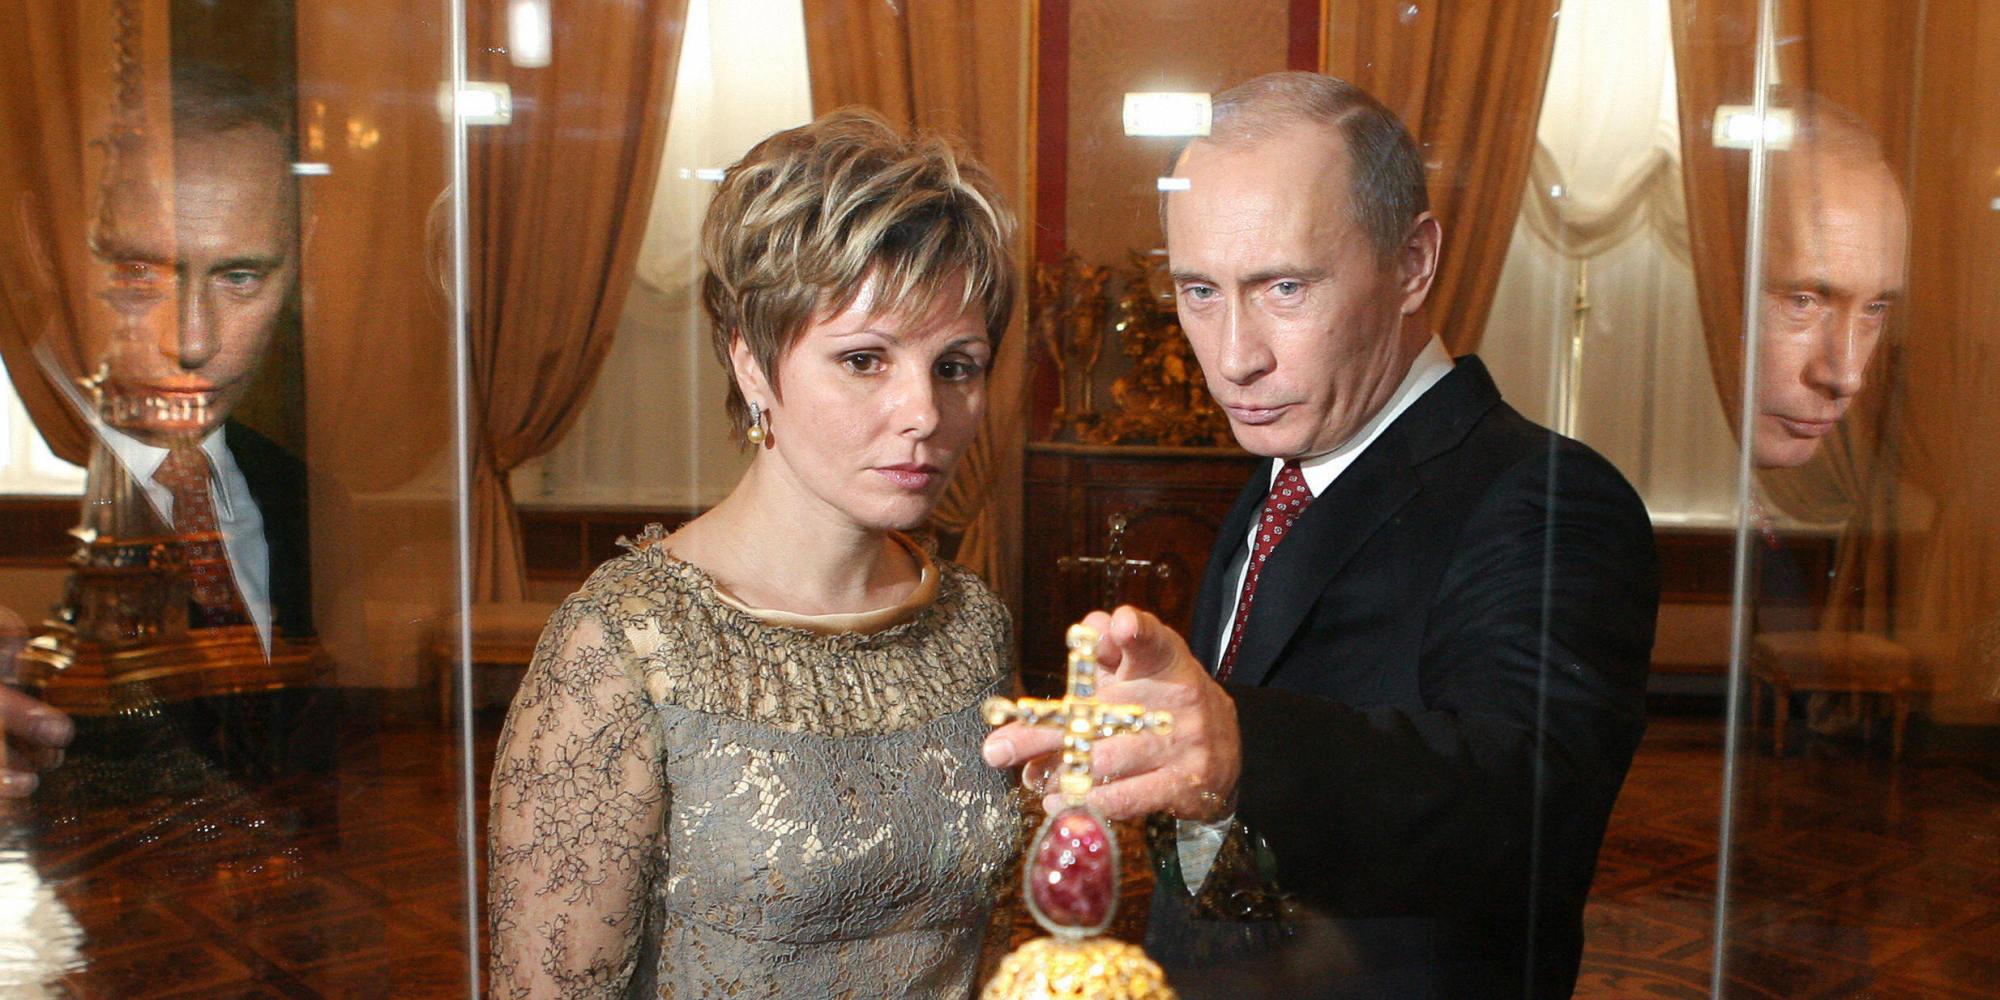 Wladimir-der-Gro-e-Die-orthodoxe-Kirche-in-Russland-will-die-Monarchie-wiedereinf-hren